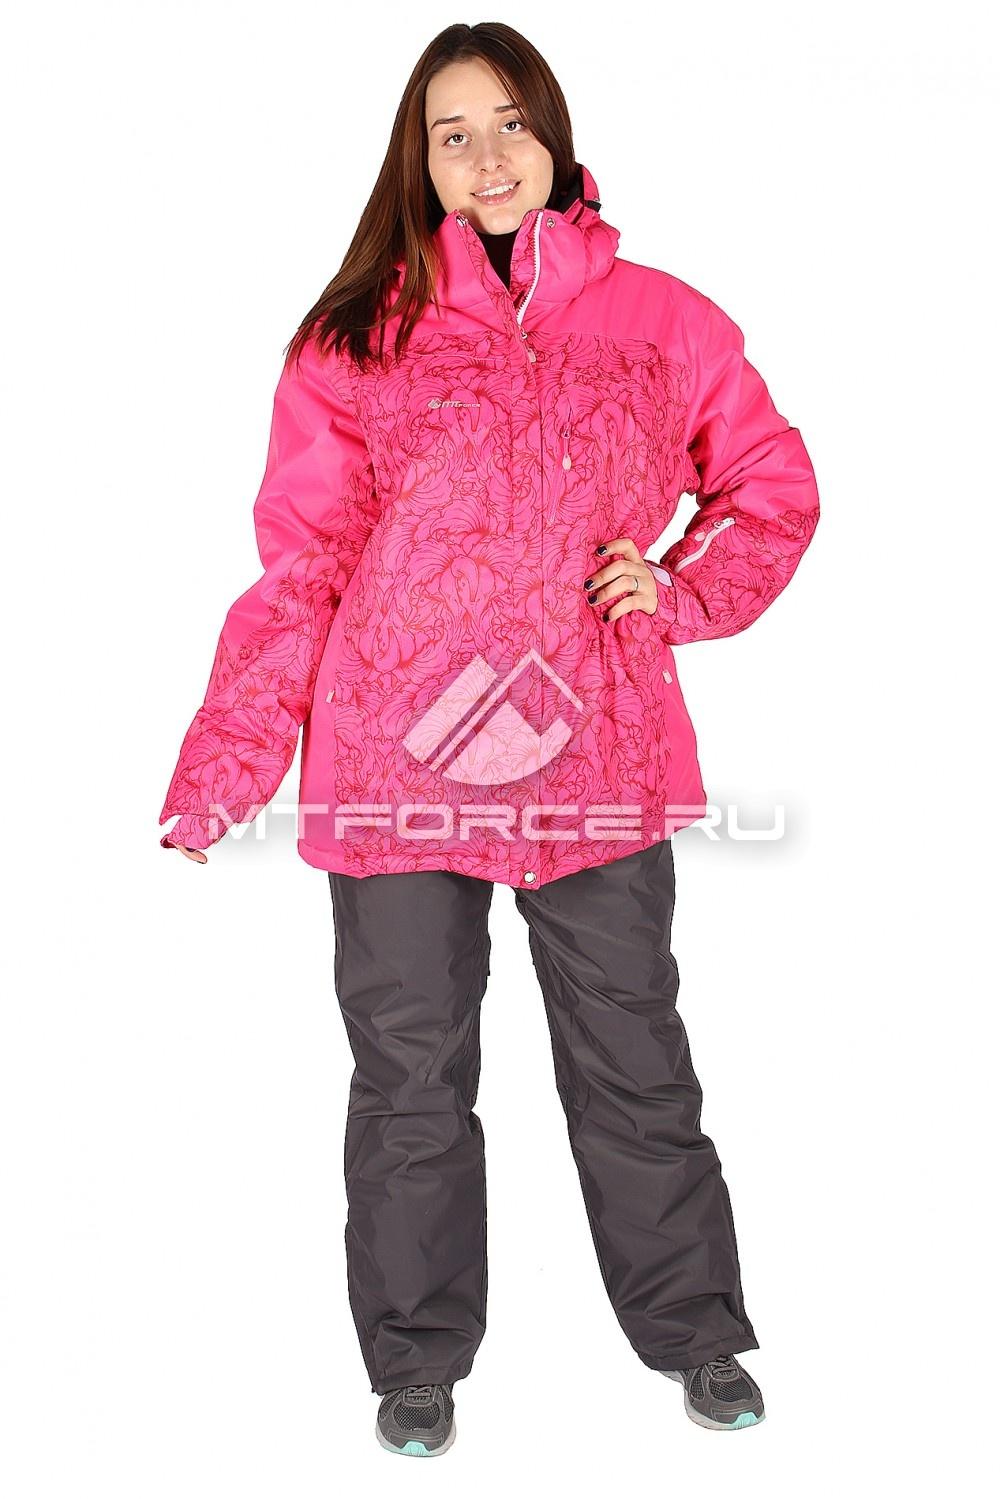 Купить                                  оптом Костюм горнолыжный женский большого размера розового цвета 01479R